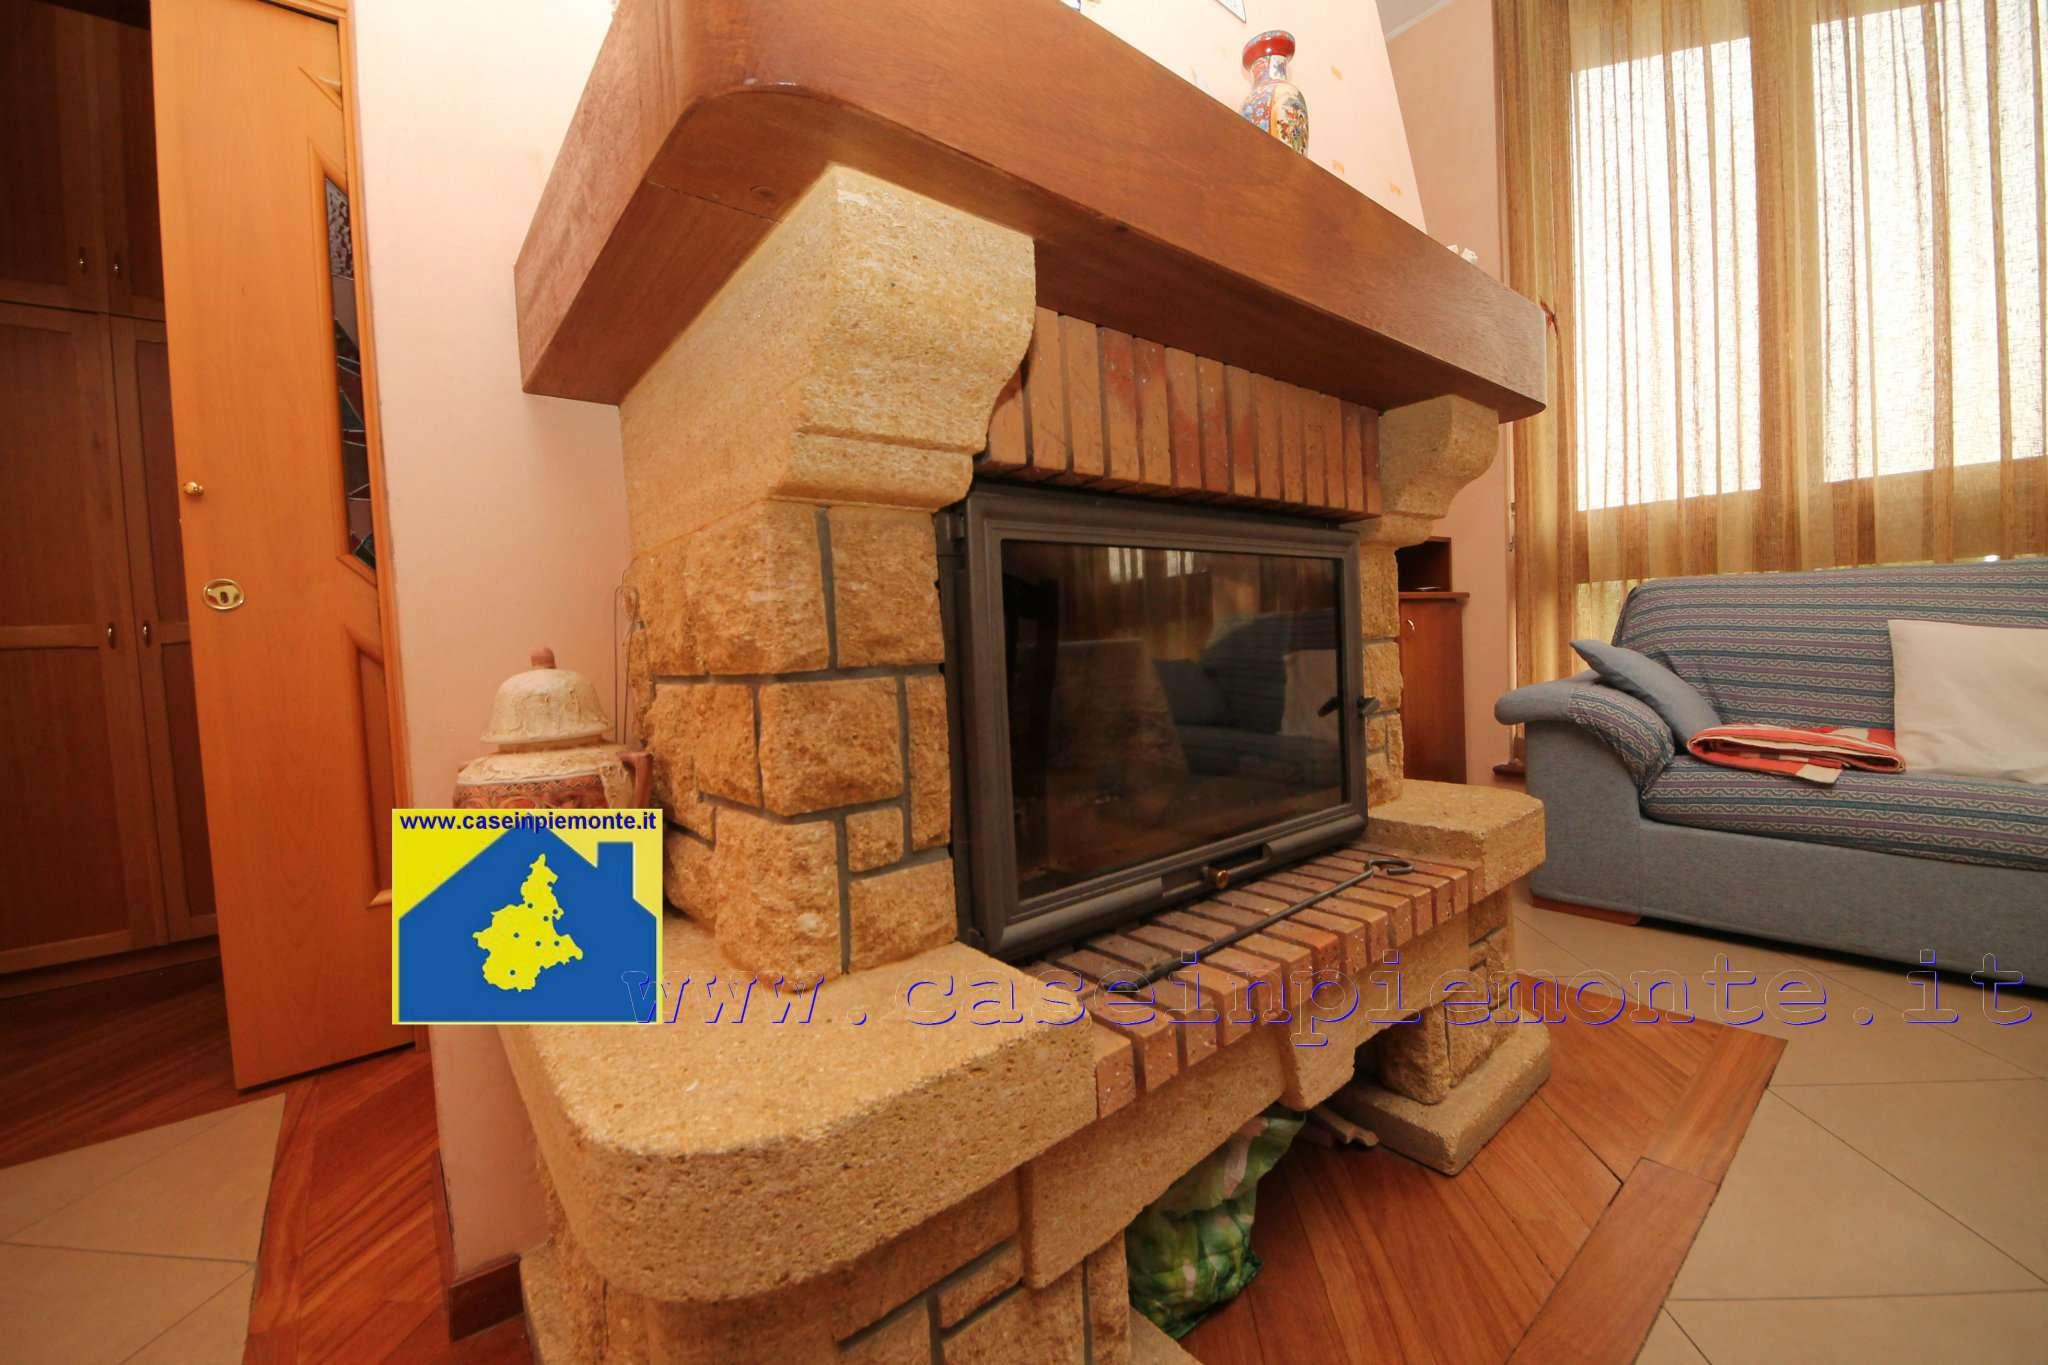 Appartamento in vendita a Buttigliera Alta, 5 locali, prezzo € 170.000 | PortaleAgenzieImmobiliari.it